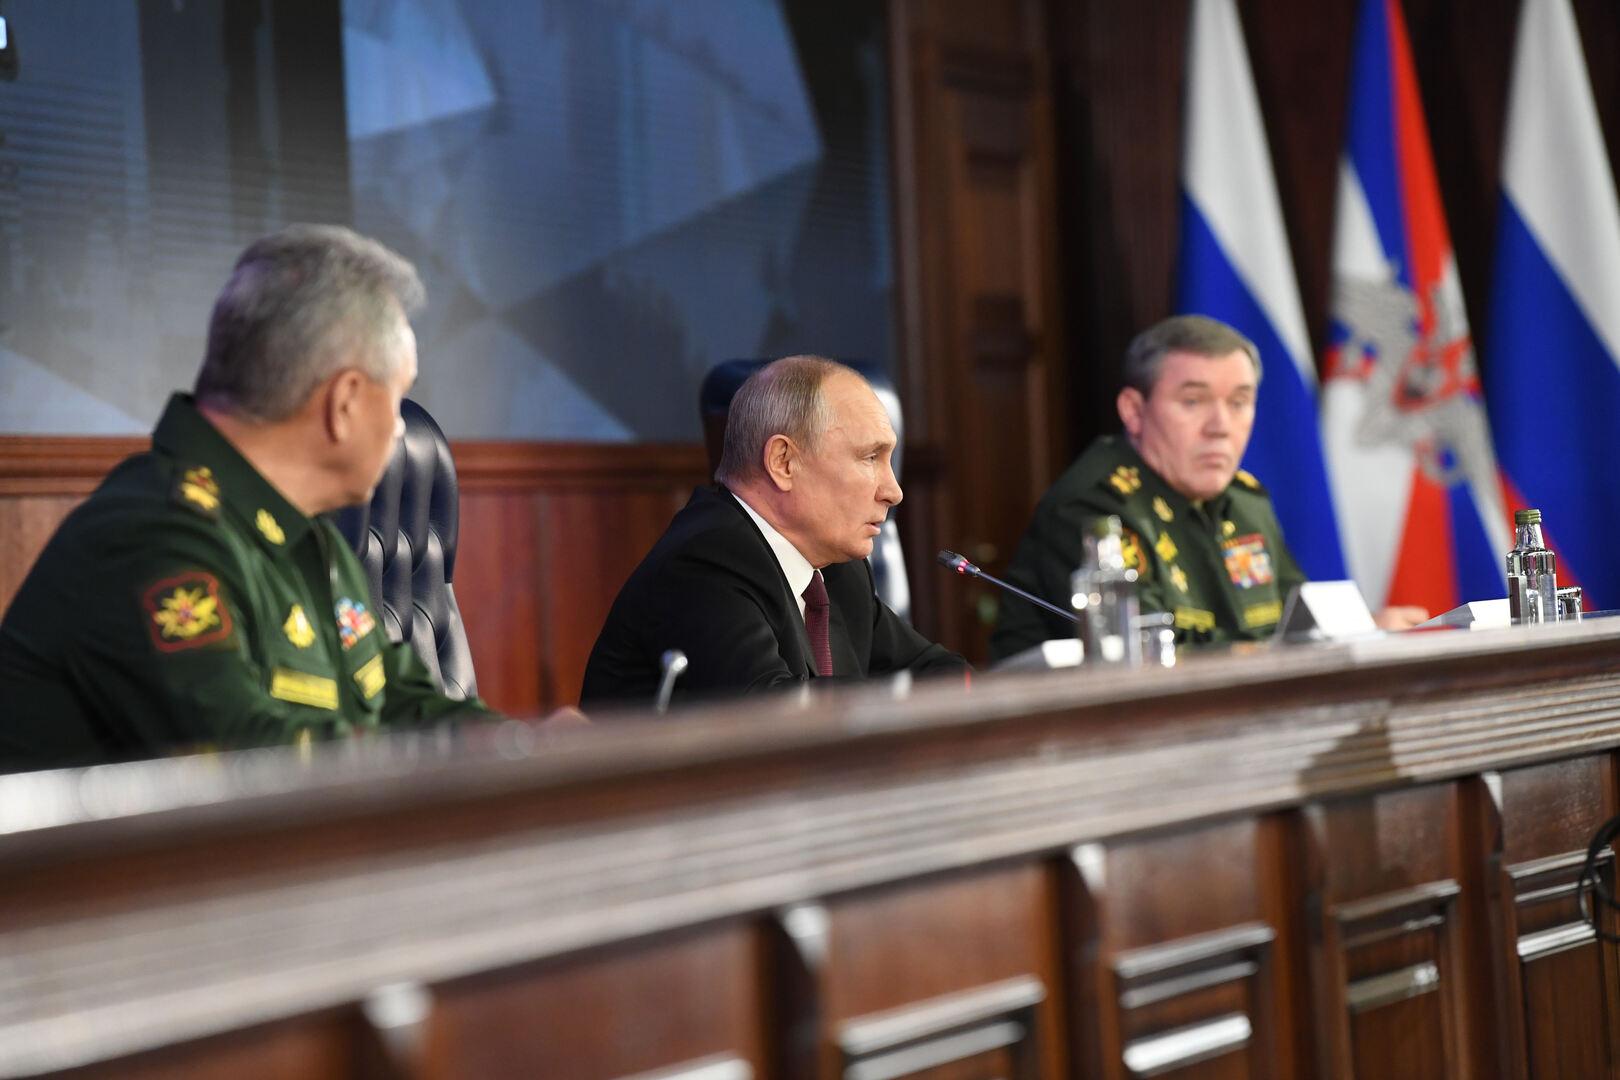 بوتين يكشف عن نسبة الأسلحة الحديثة في القوات المسلحة الروسية